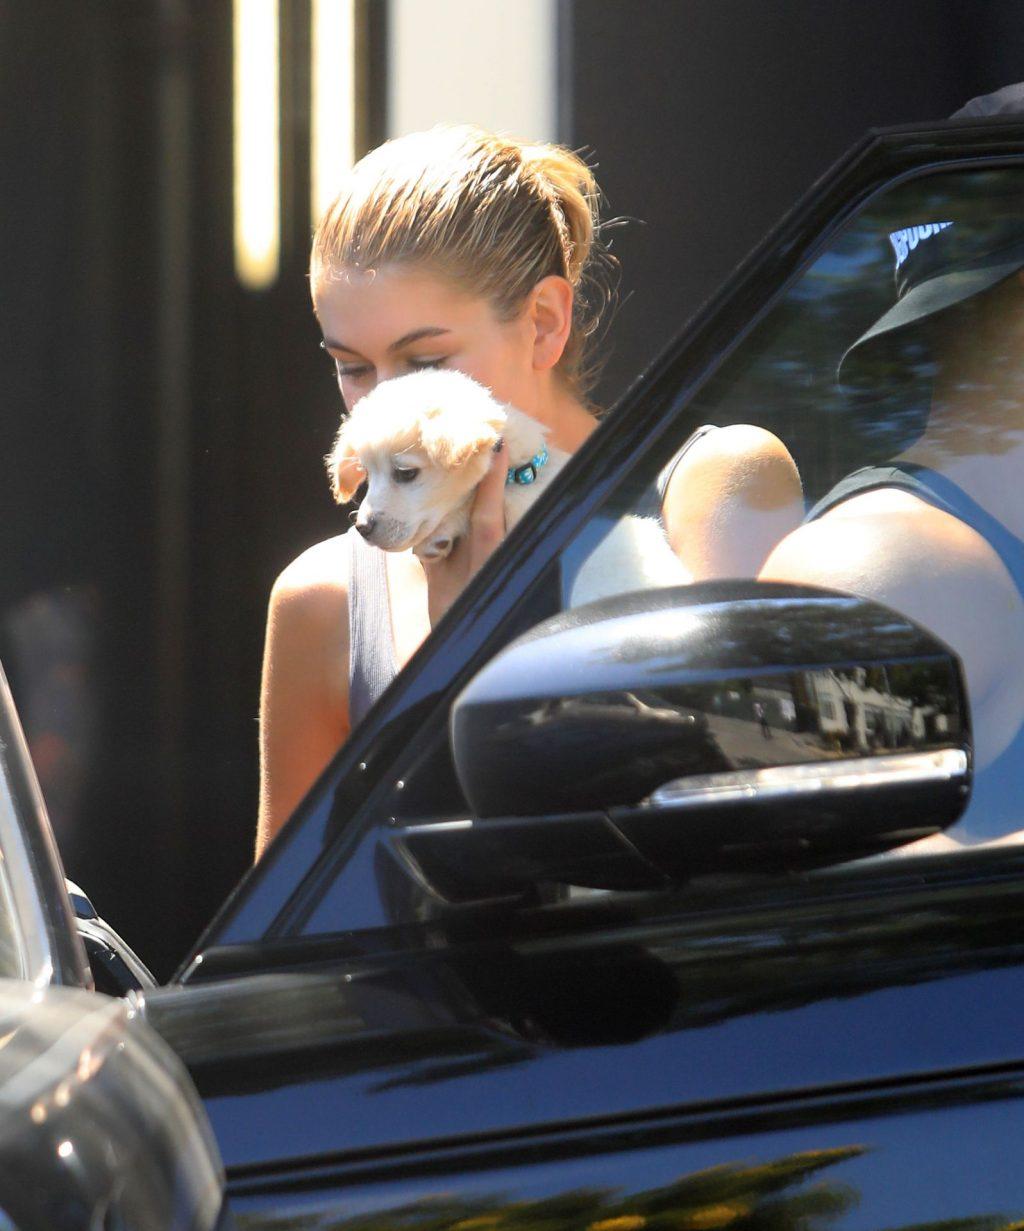 Kaia Gerber Totes Her New Corgi Pup While Showcasing Her Enviable Bod (34 Photos)